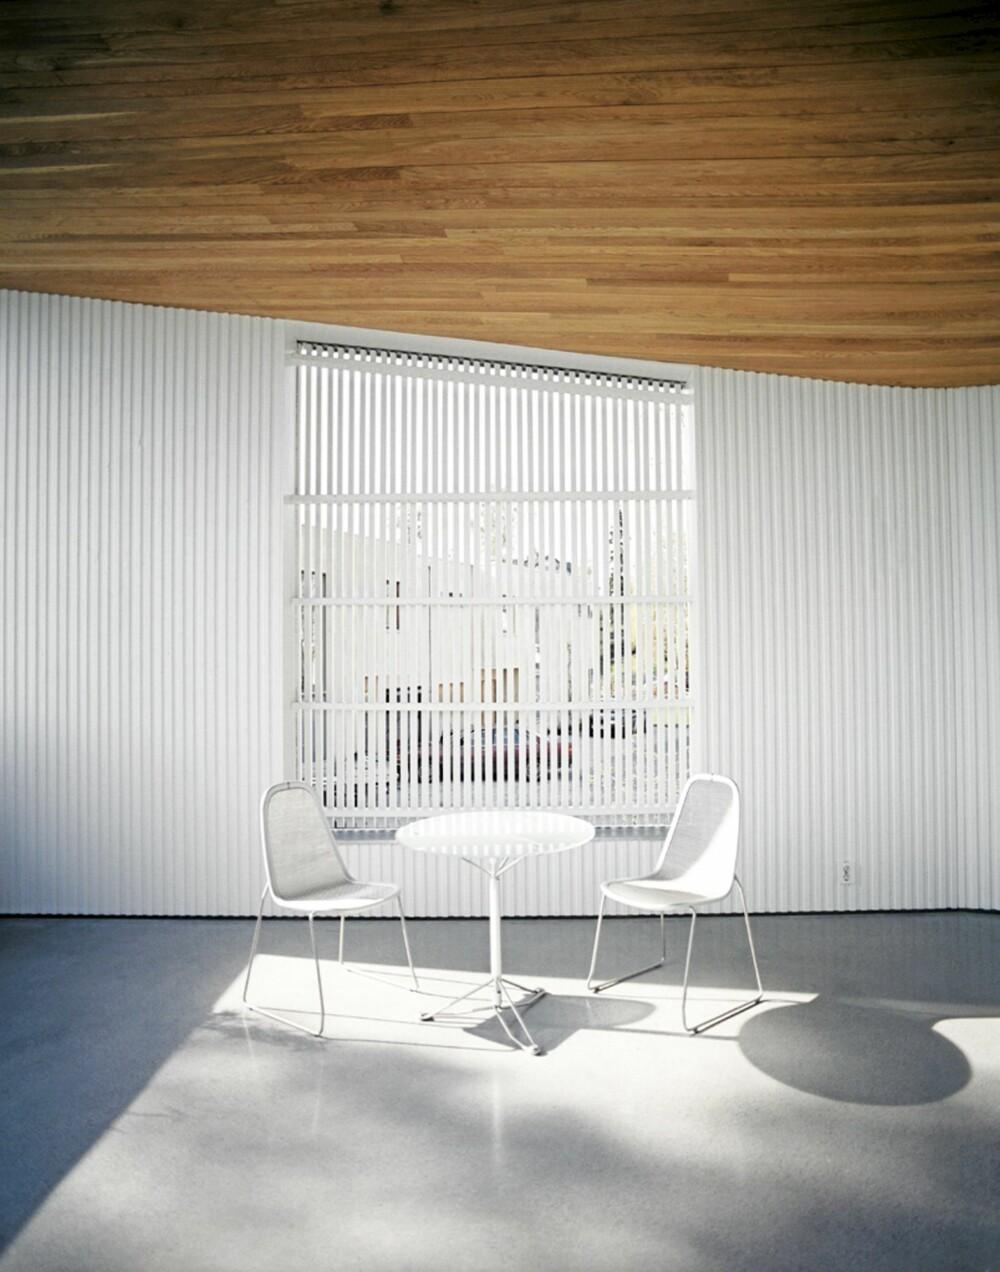 SIKKER ELEGANSE: Ingen ting kan måle seg med den enkle elegansen i moderne interiører. Plasstøpt, ubehandlet betong i husets første etasje.